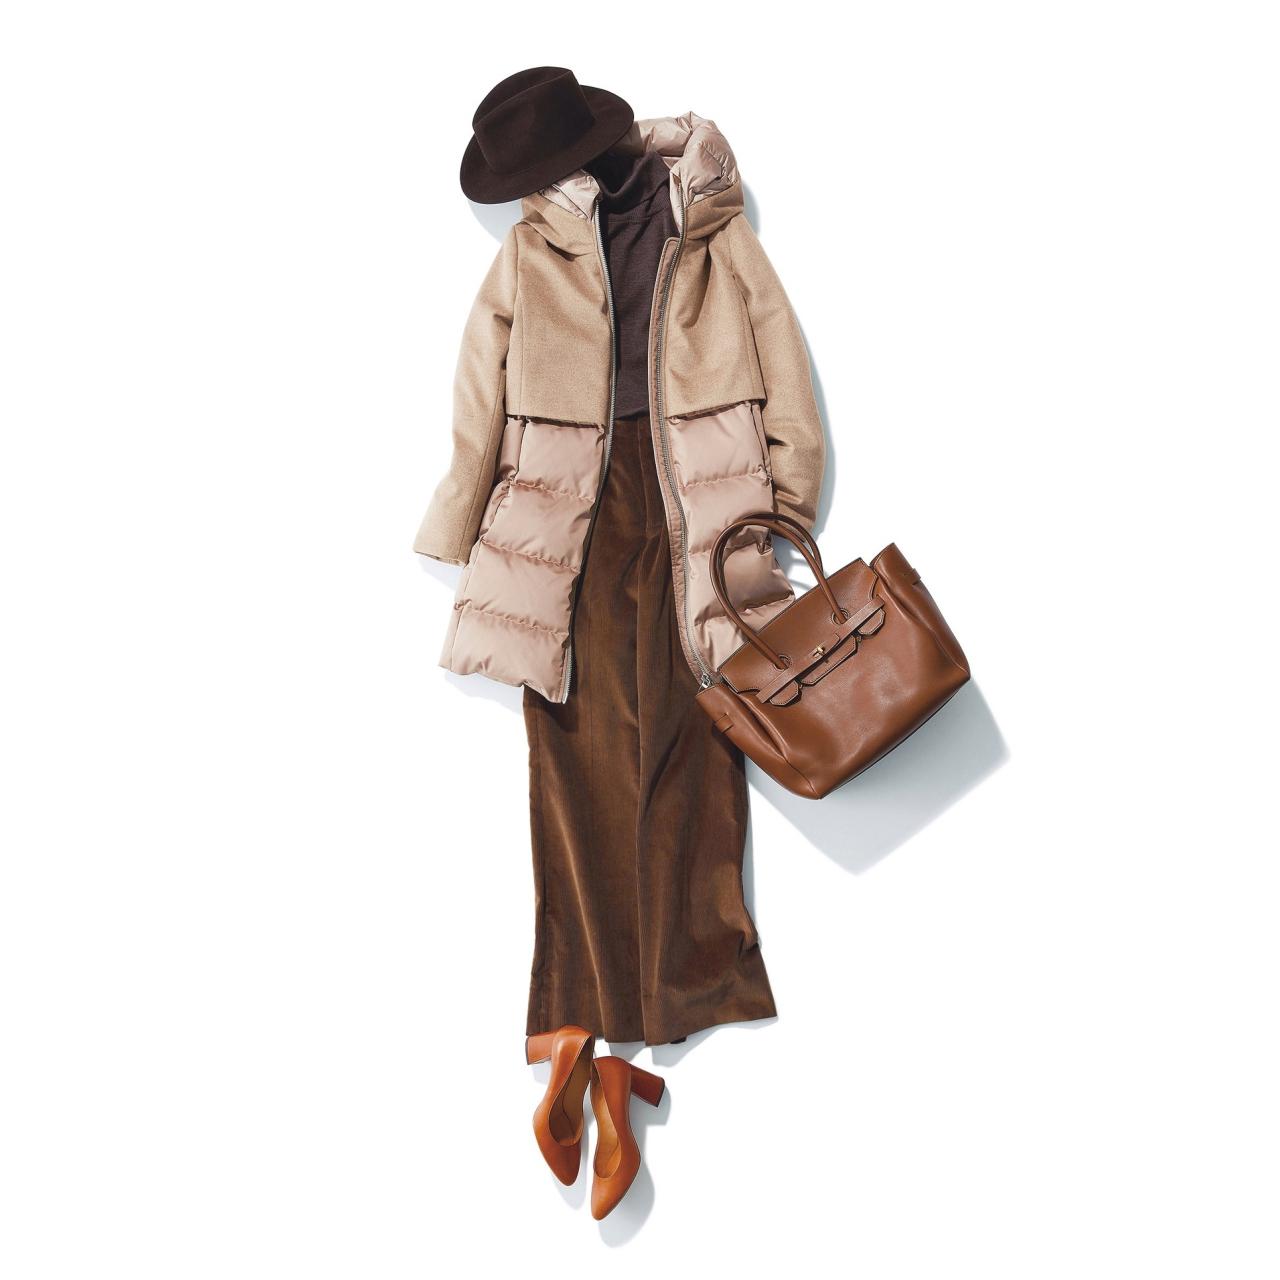 ダウンジャケット×コーデュロイパンツのファッションコーデ